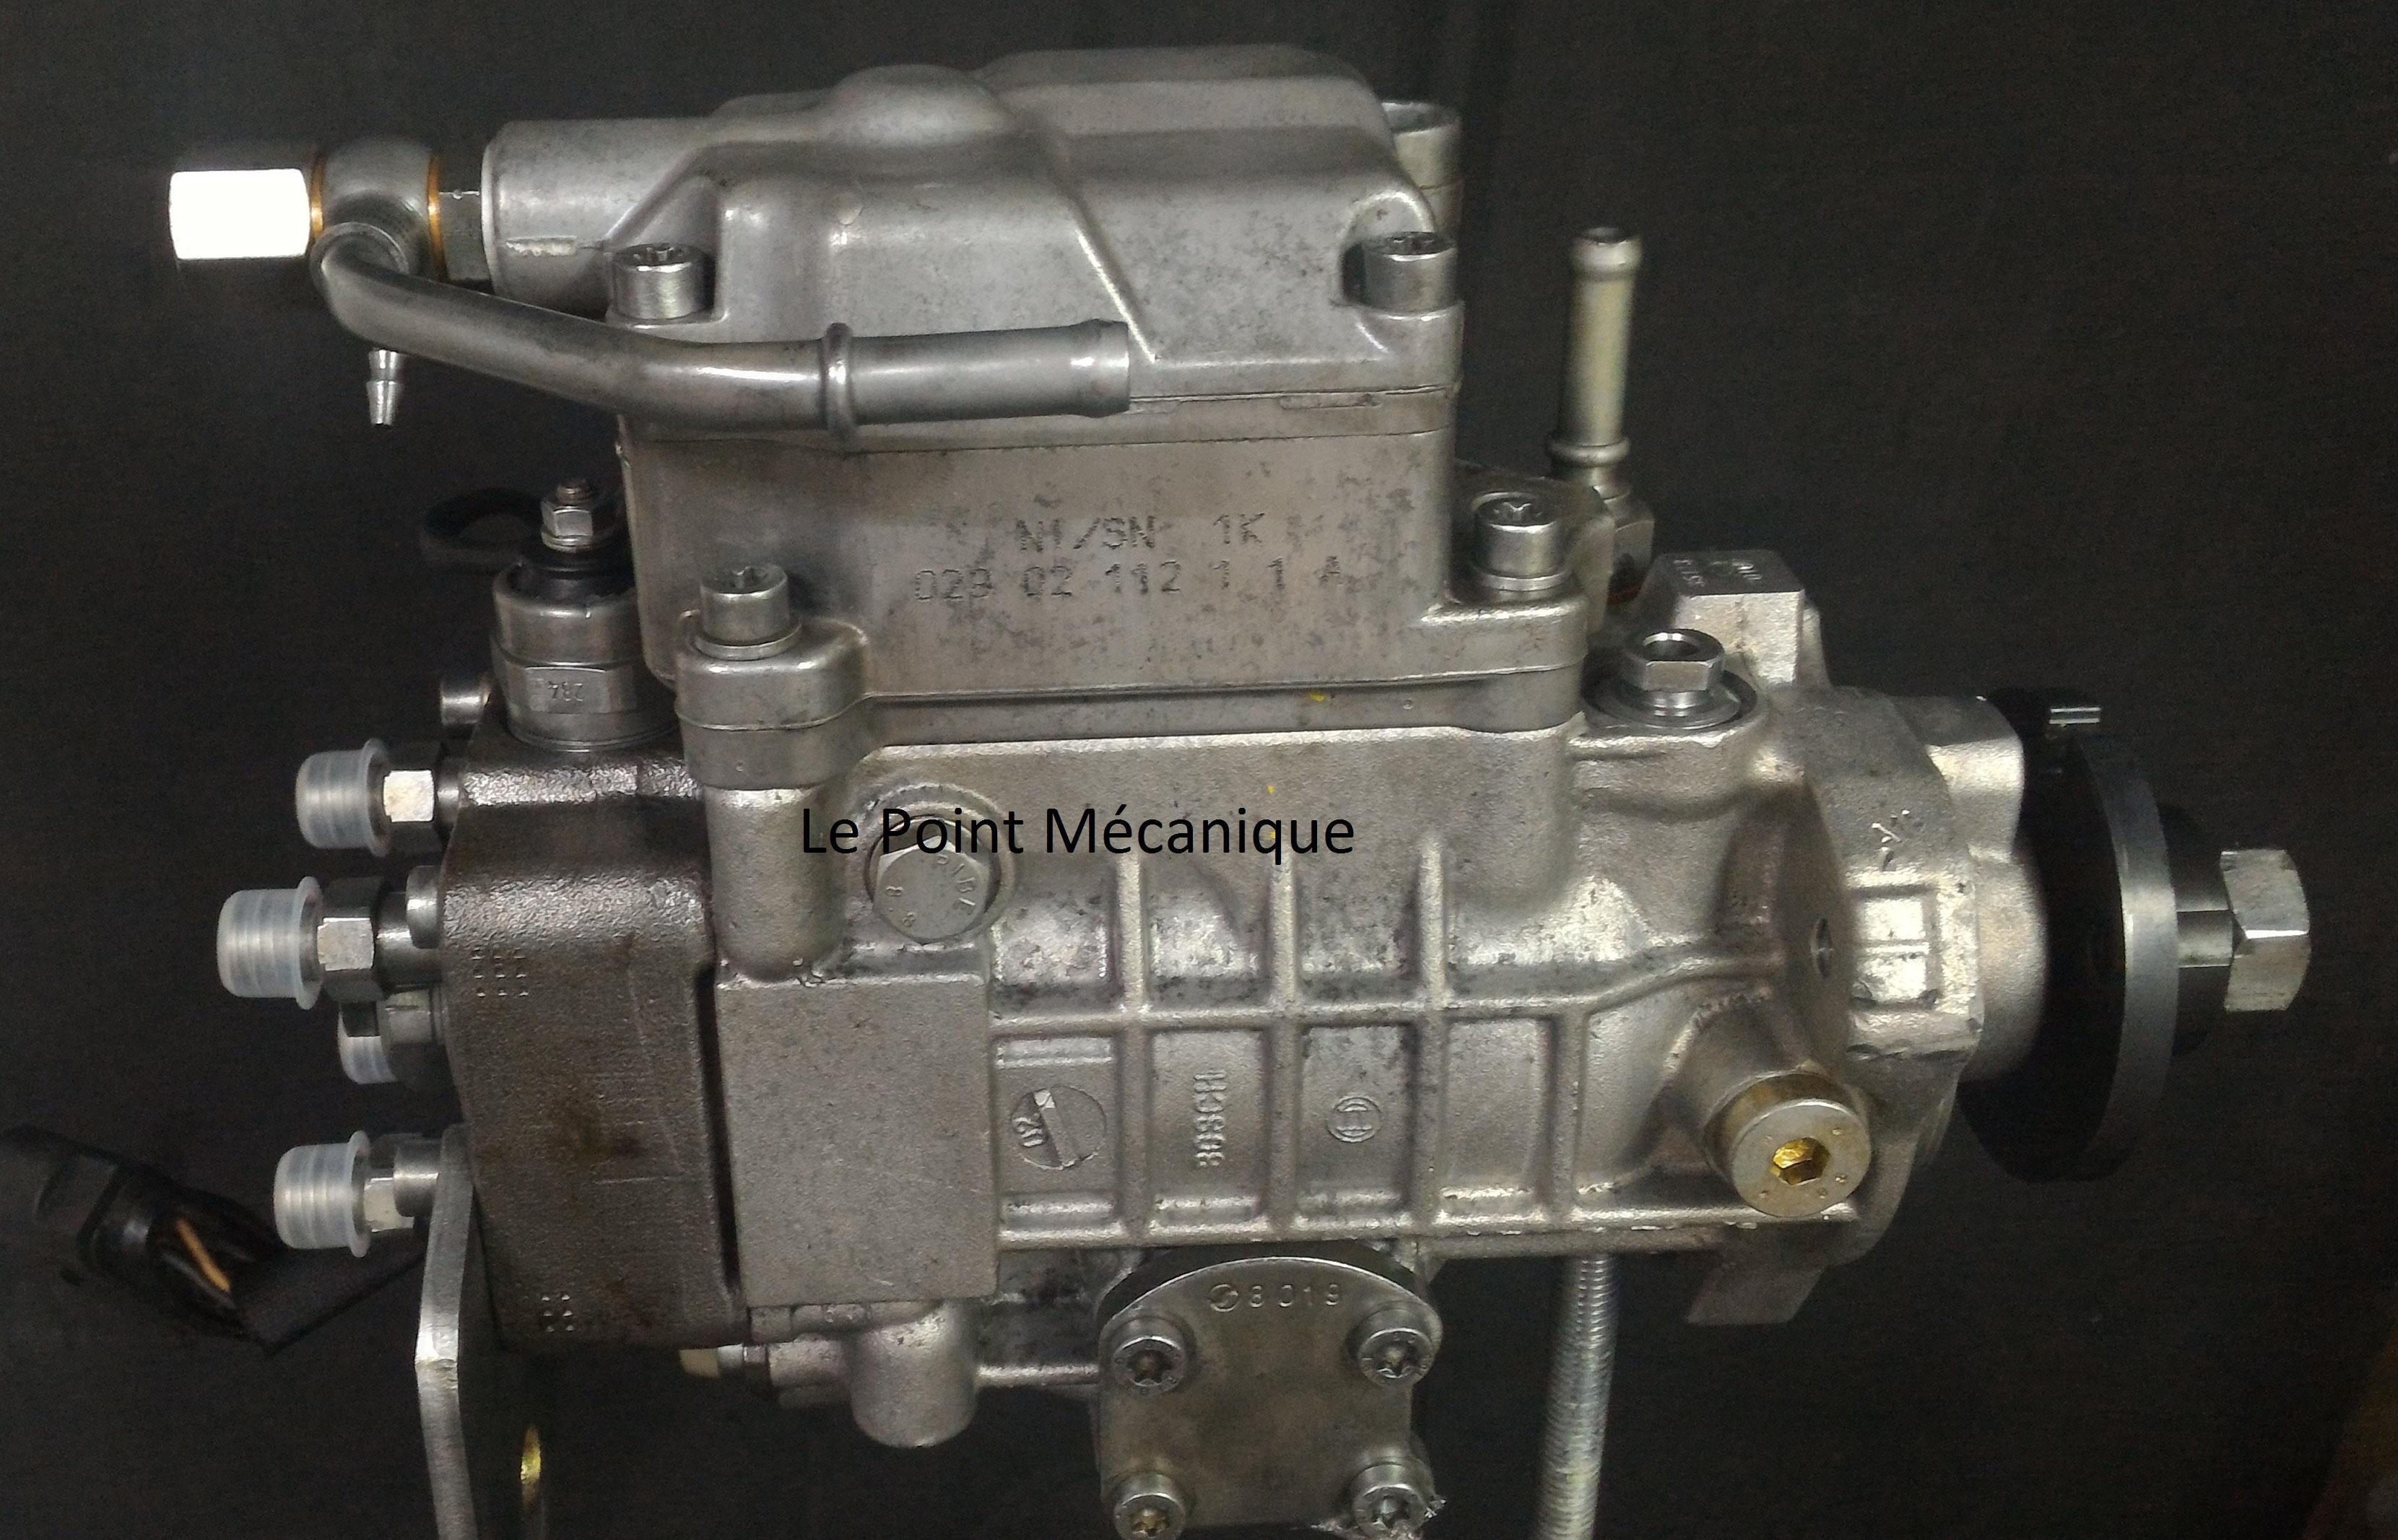 Pompe injection VE Volkswagen 0460404977 - Le Point Mécanique